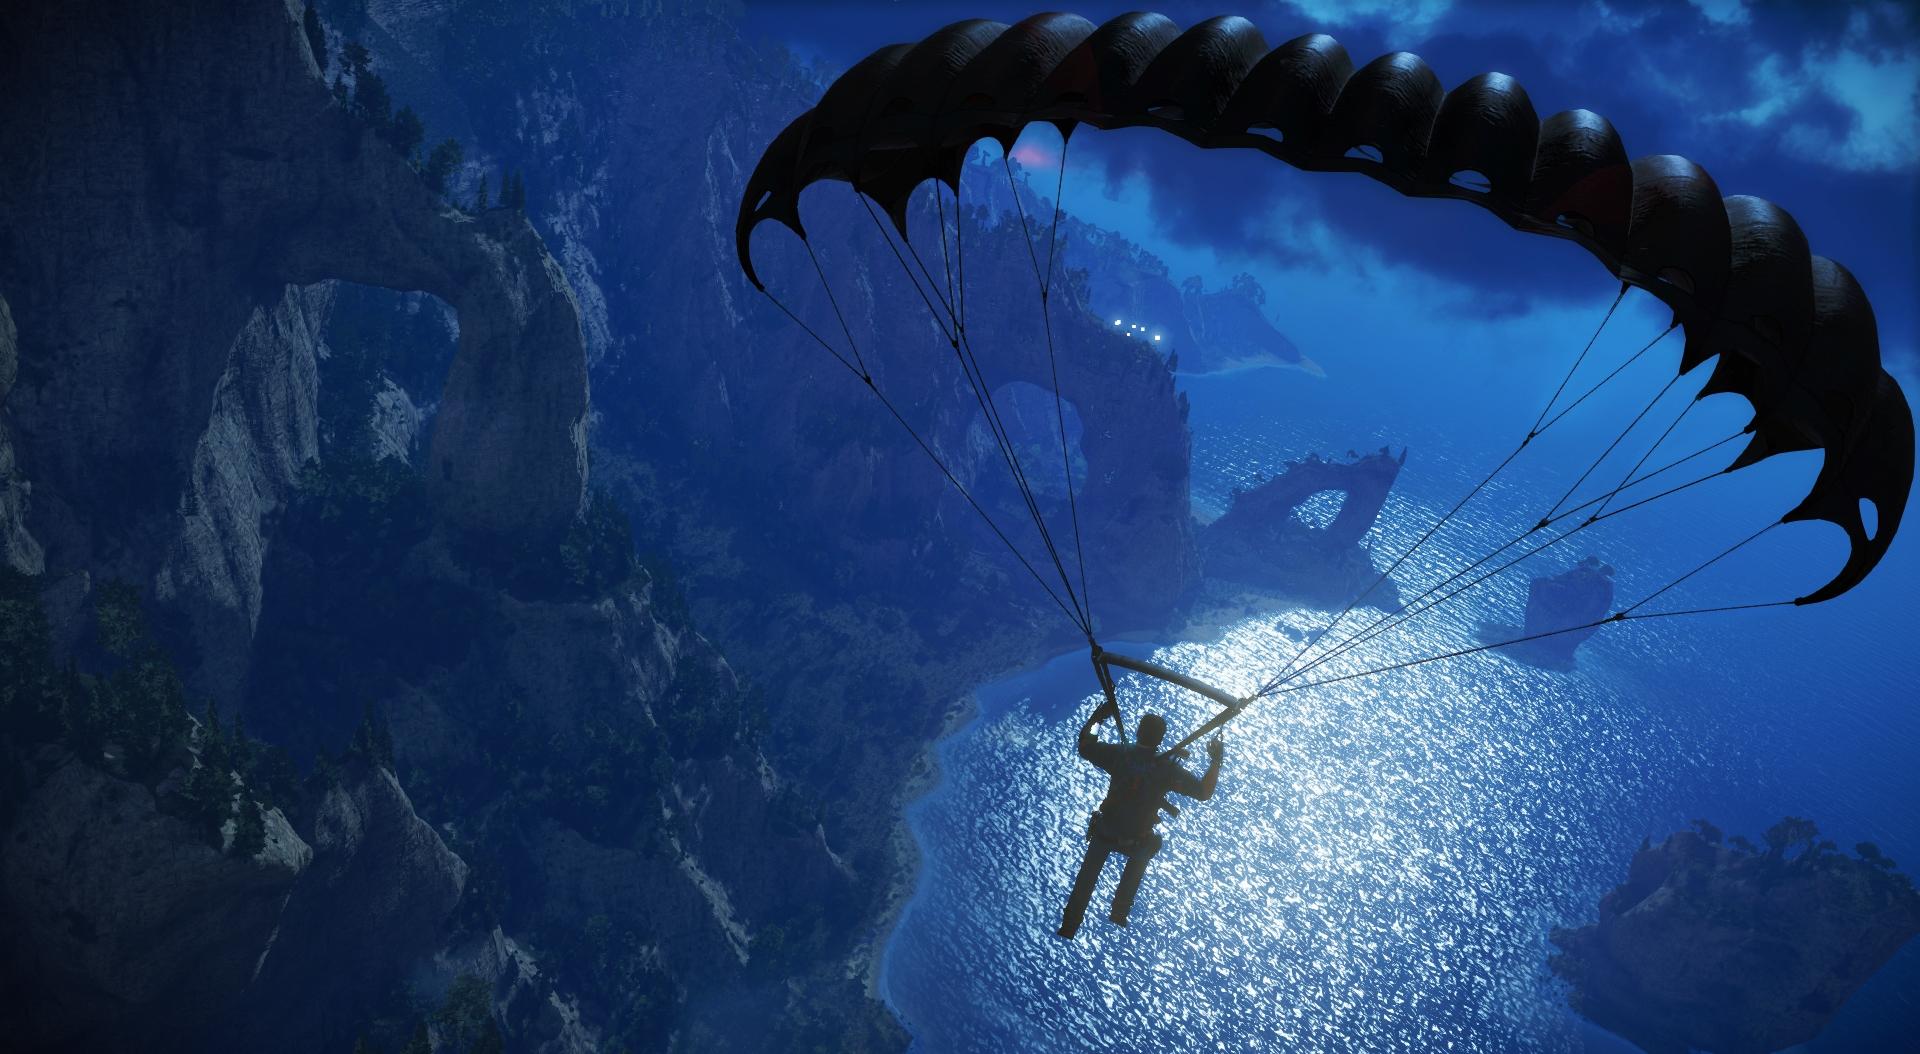 パラシュートは様々な場面で使える。自由落下は高速移動に便利だ